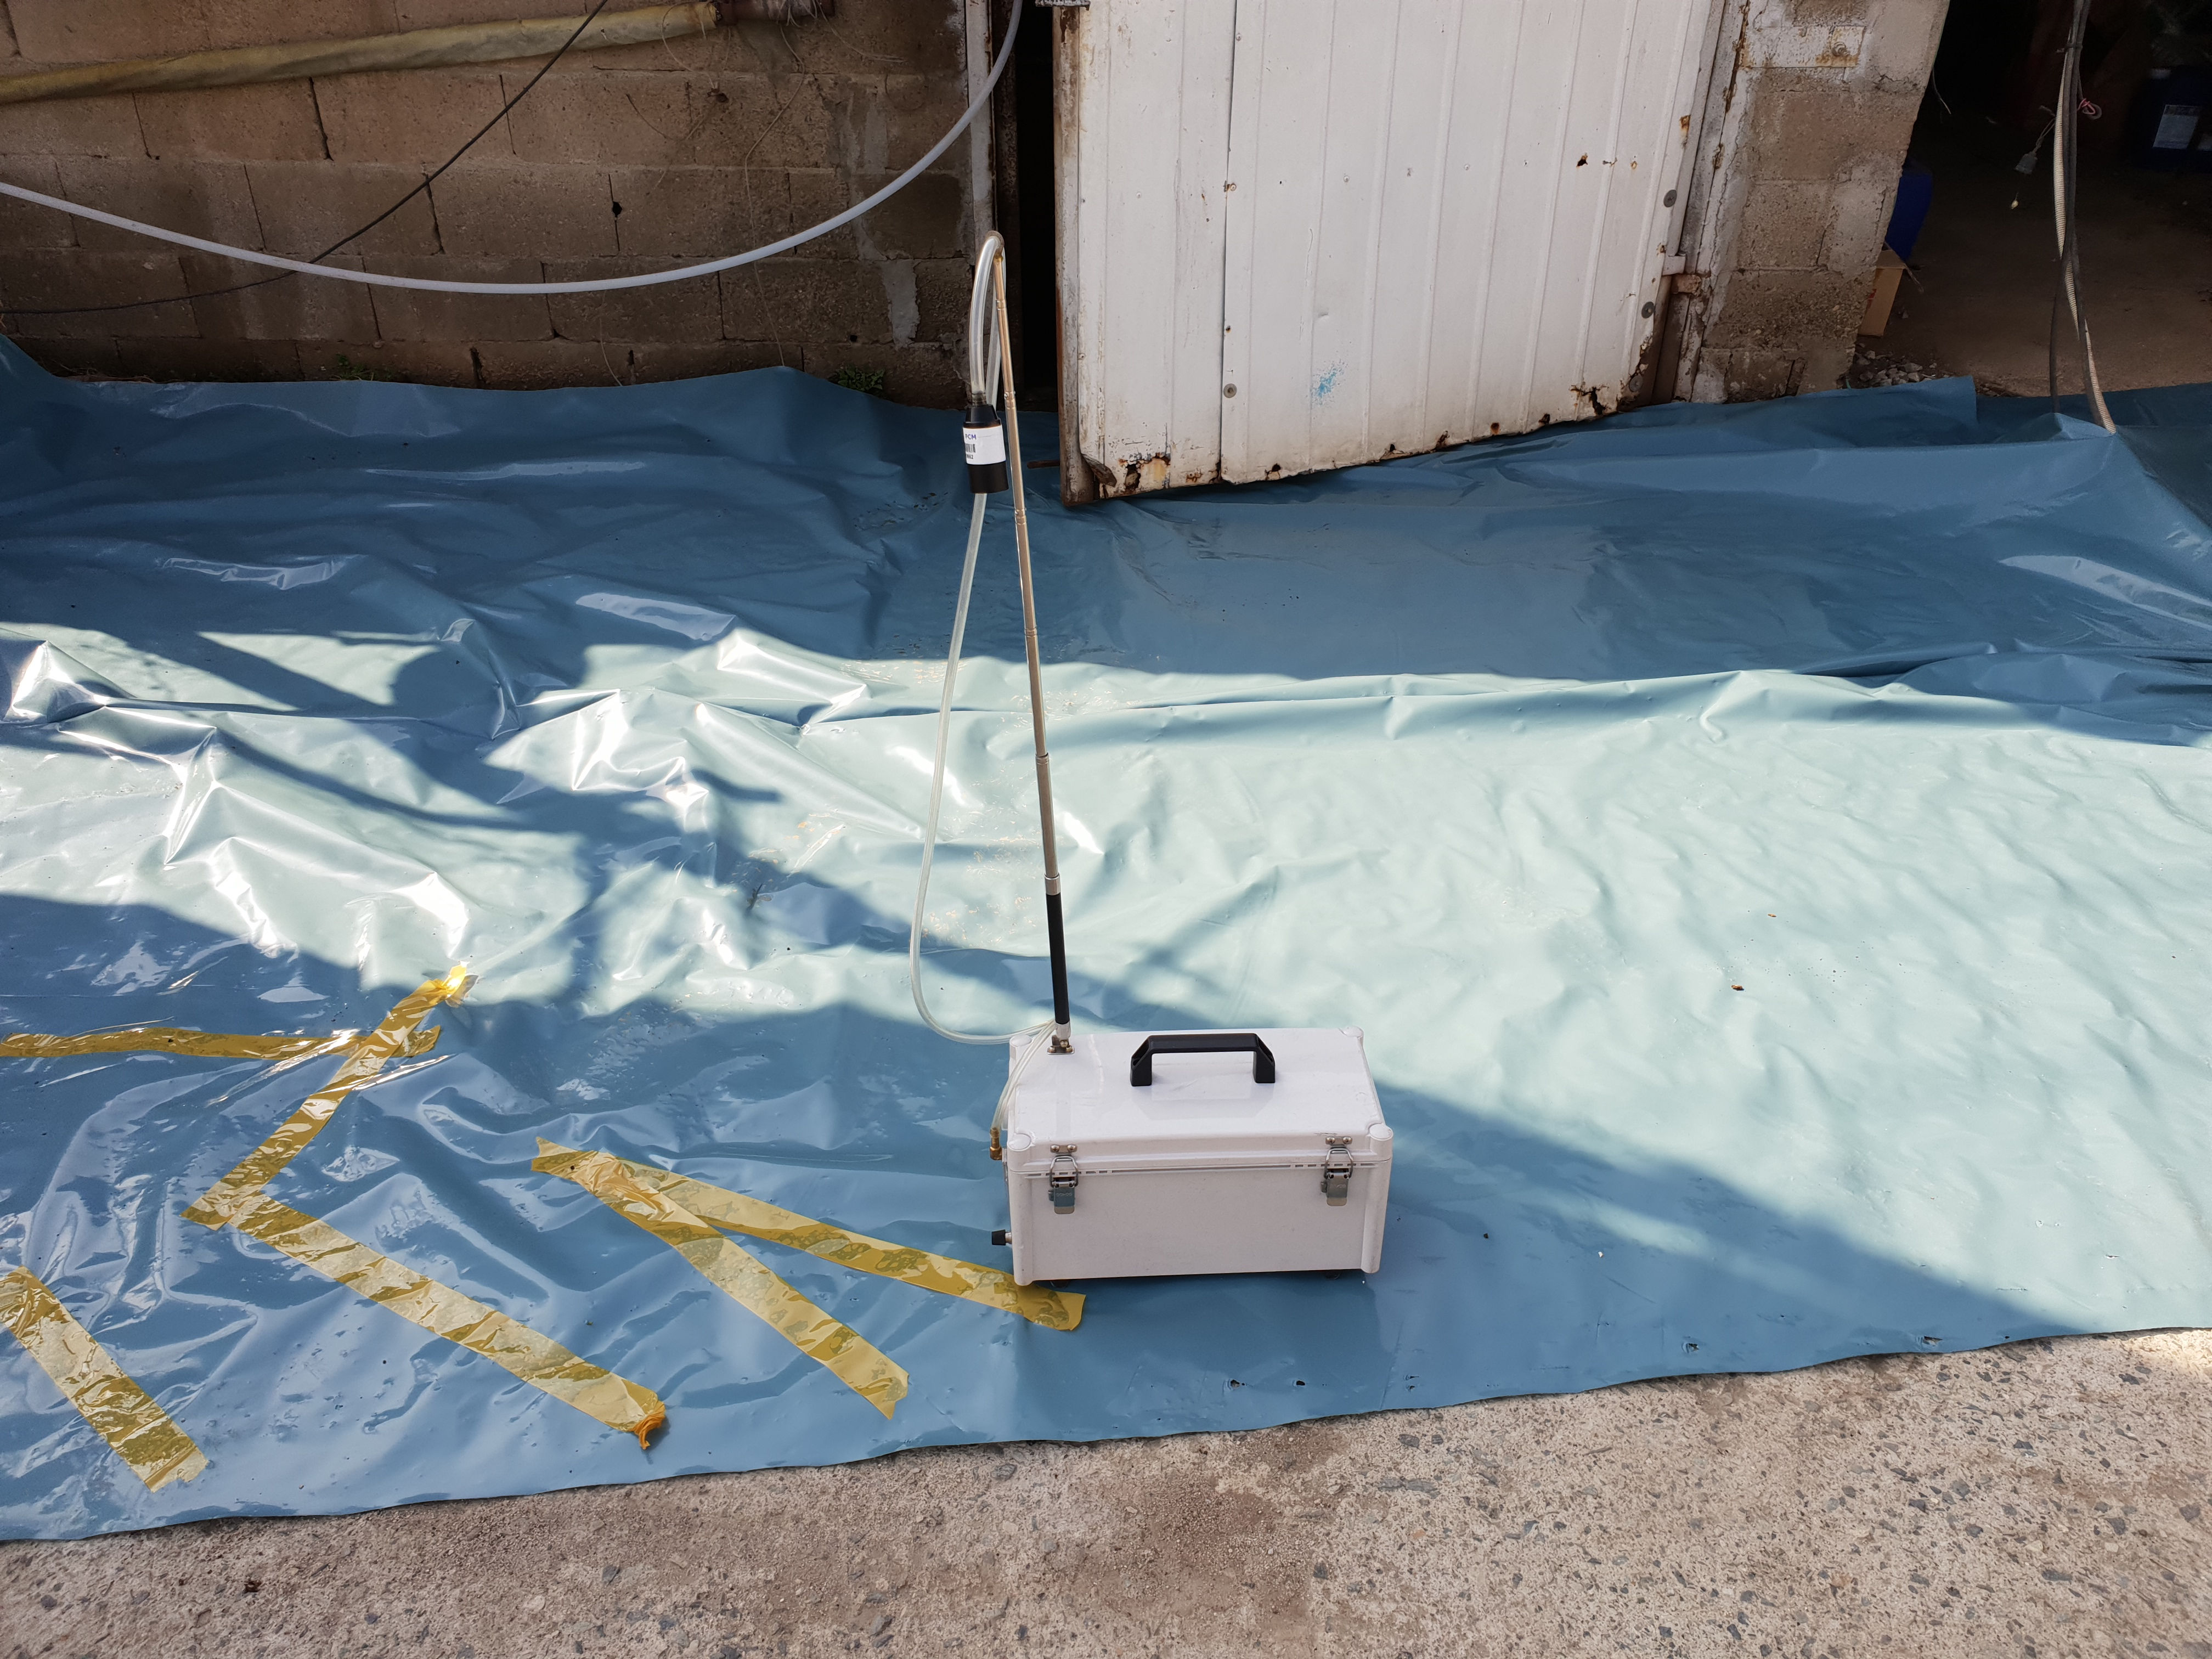 4 번째 사진 대창면 대창리 철거공사 에  연면적1440.99 ㎡ 영천시 대창면 대창리 철거공사에 대한 석면공기질측정